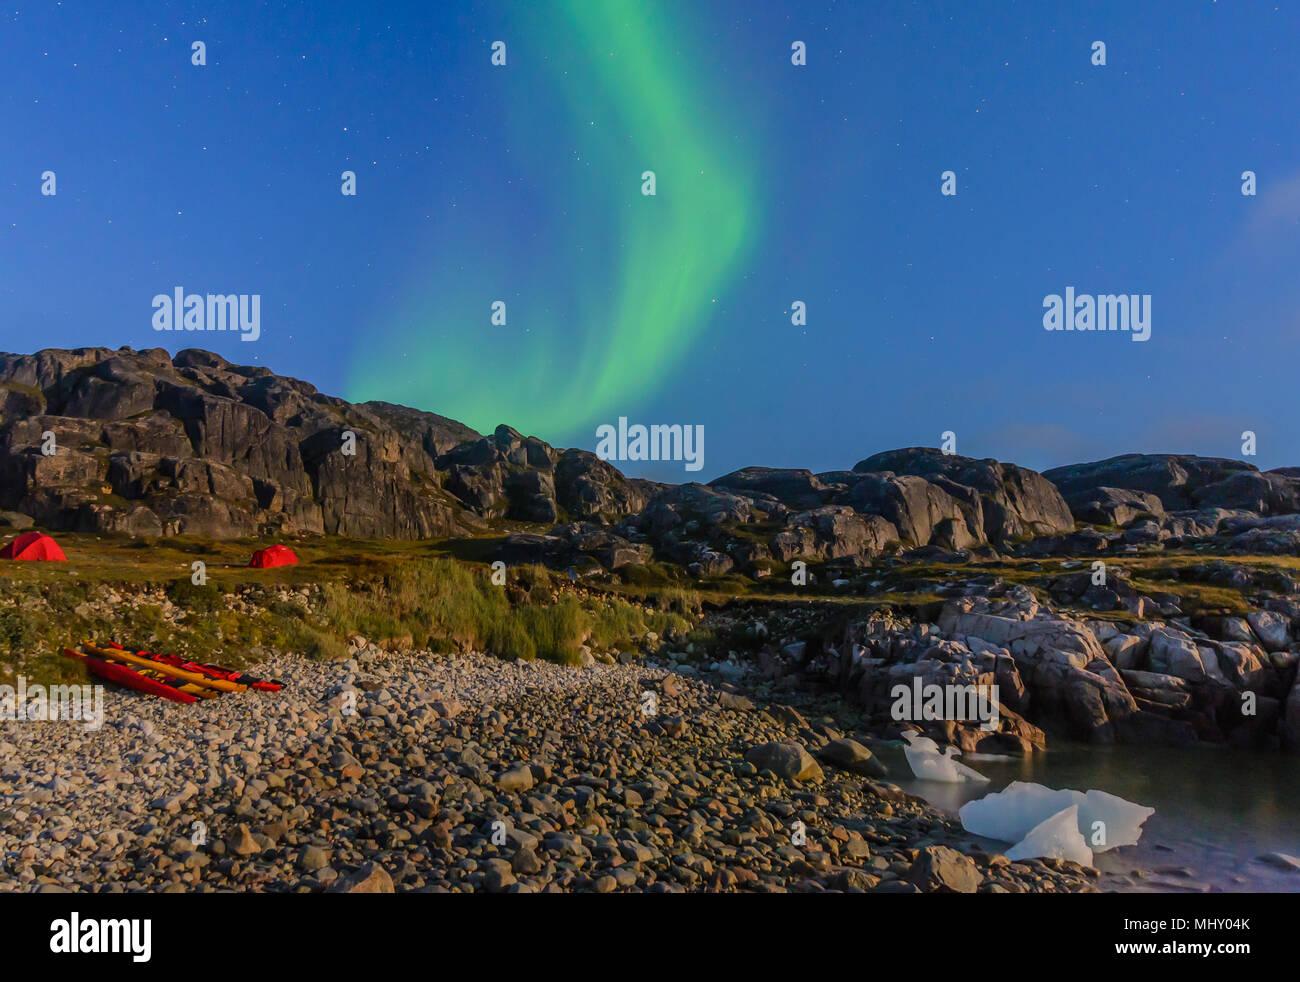 Paesaggio con tende dai fjord e aurora boreale di notte, Narsaq, Vestgronland, Groenlandia meridionale Immagini Stock